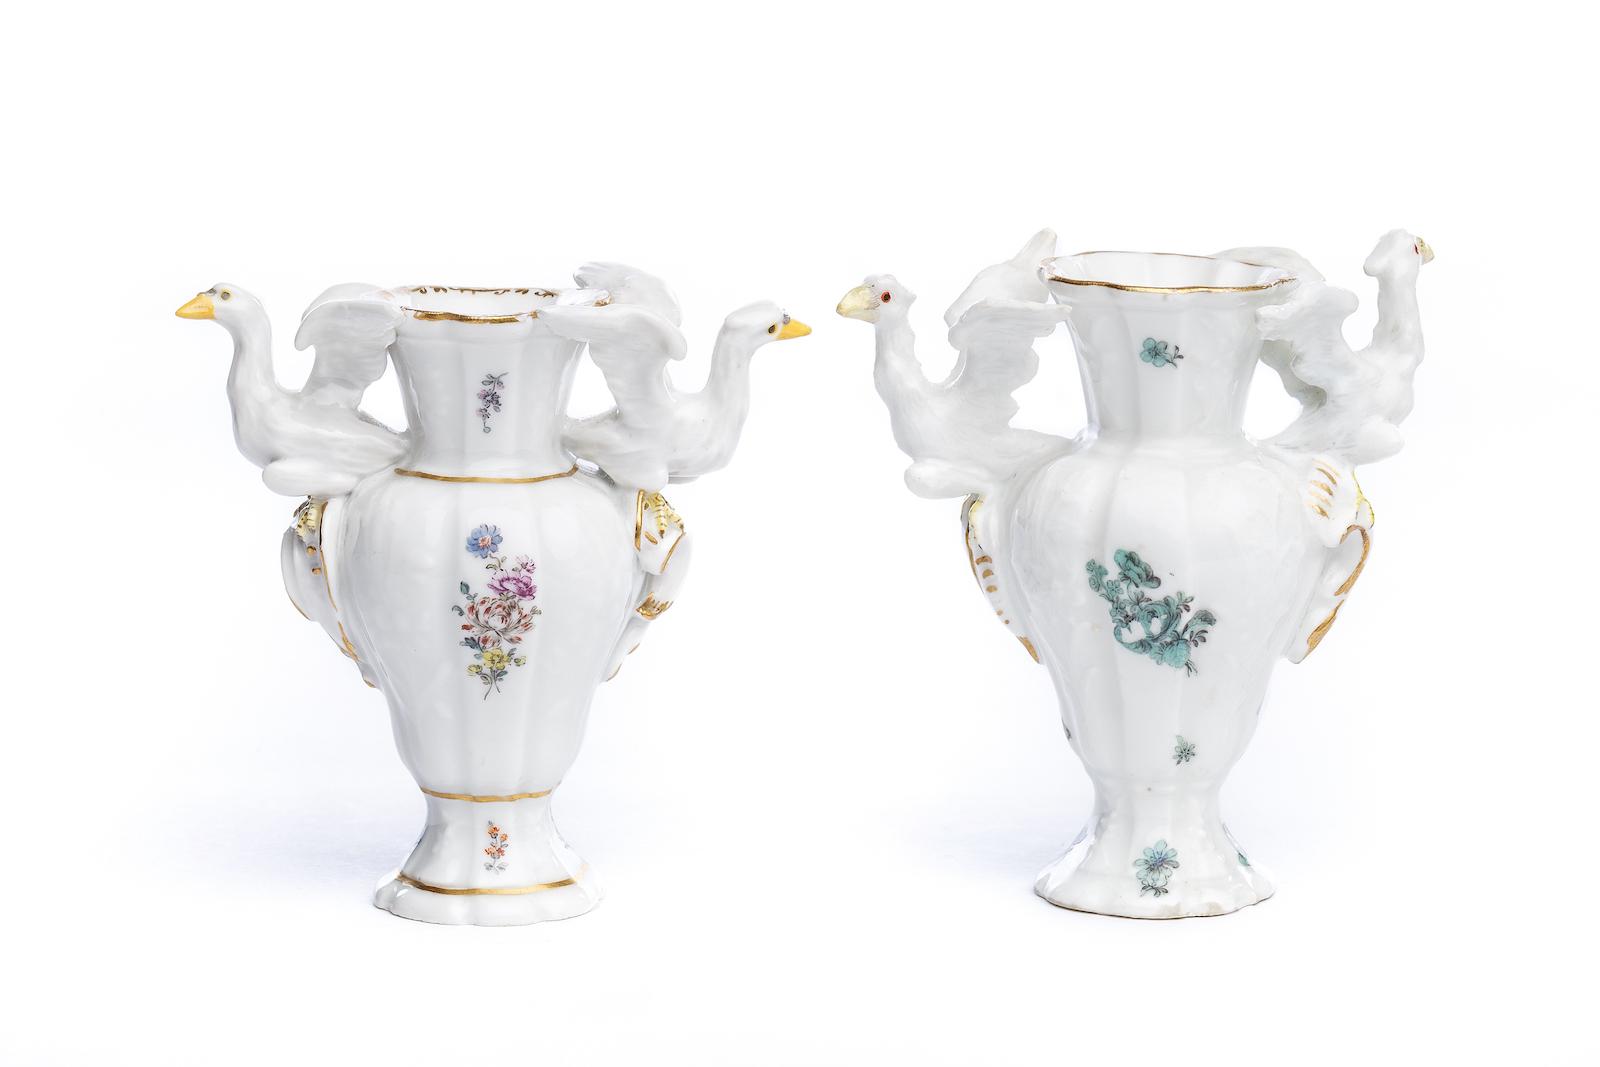 #186 2 kleine Porzellan Vasen, Meissen 1750 | 2 small porcelain vases, Meissen 1750 Image